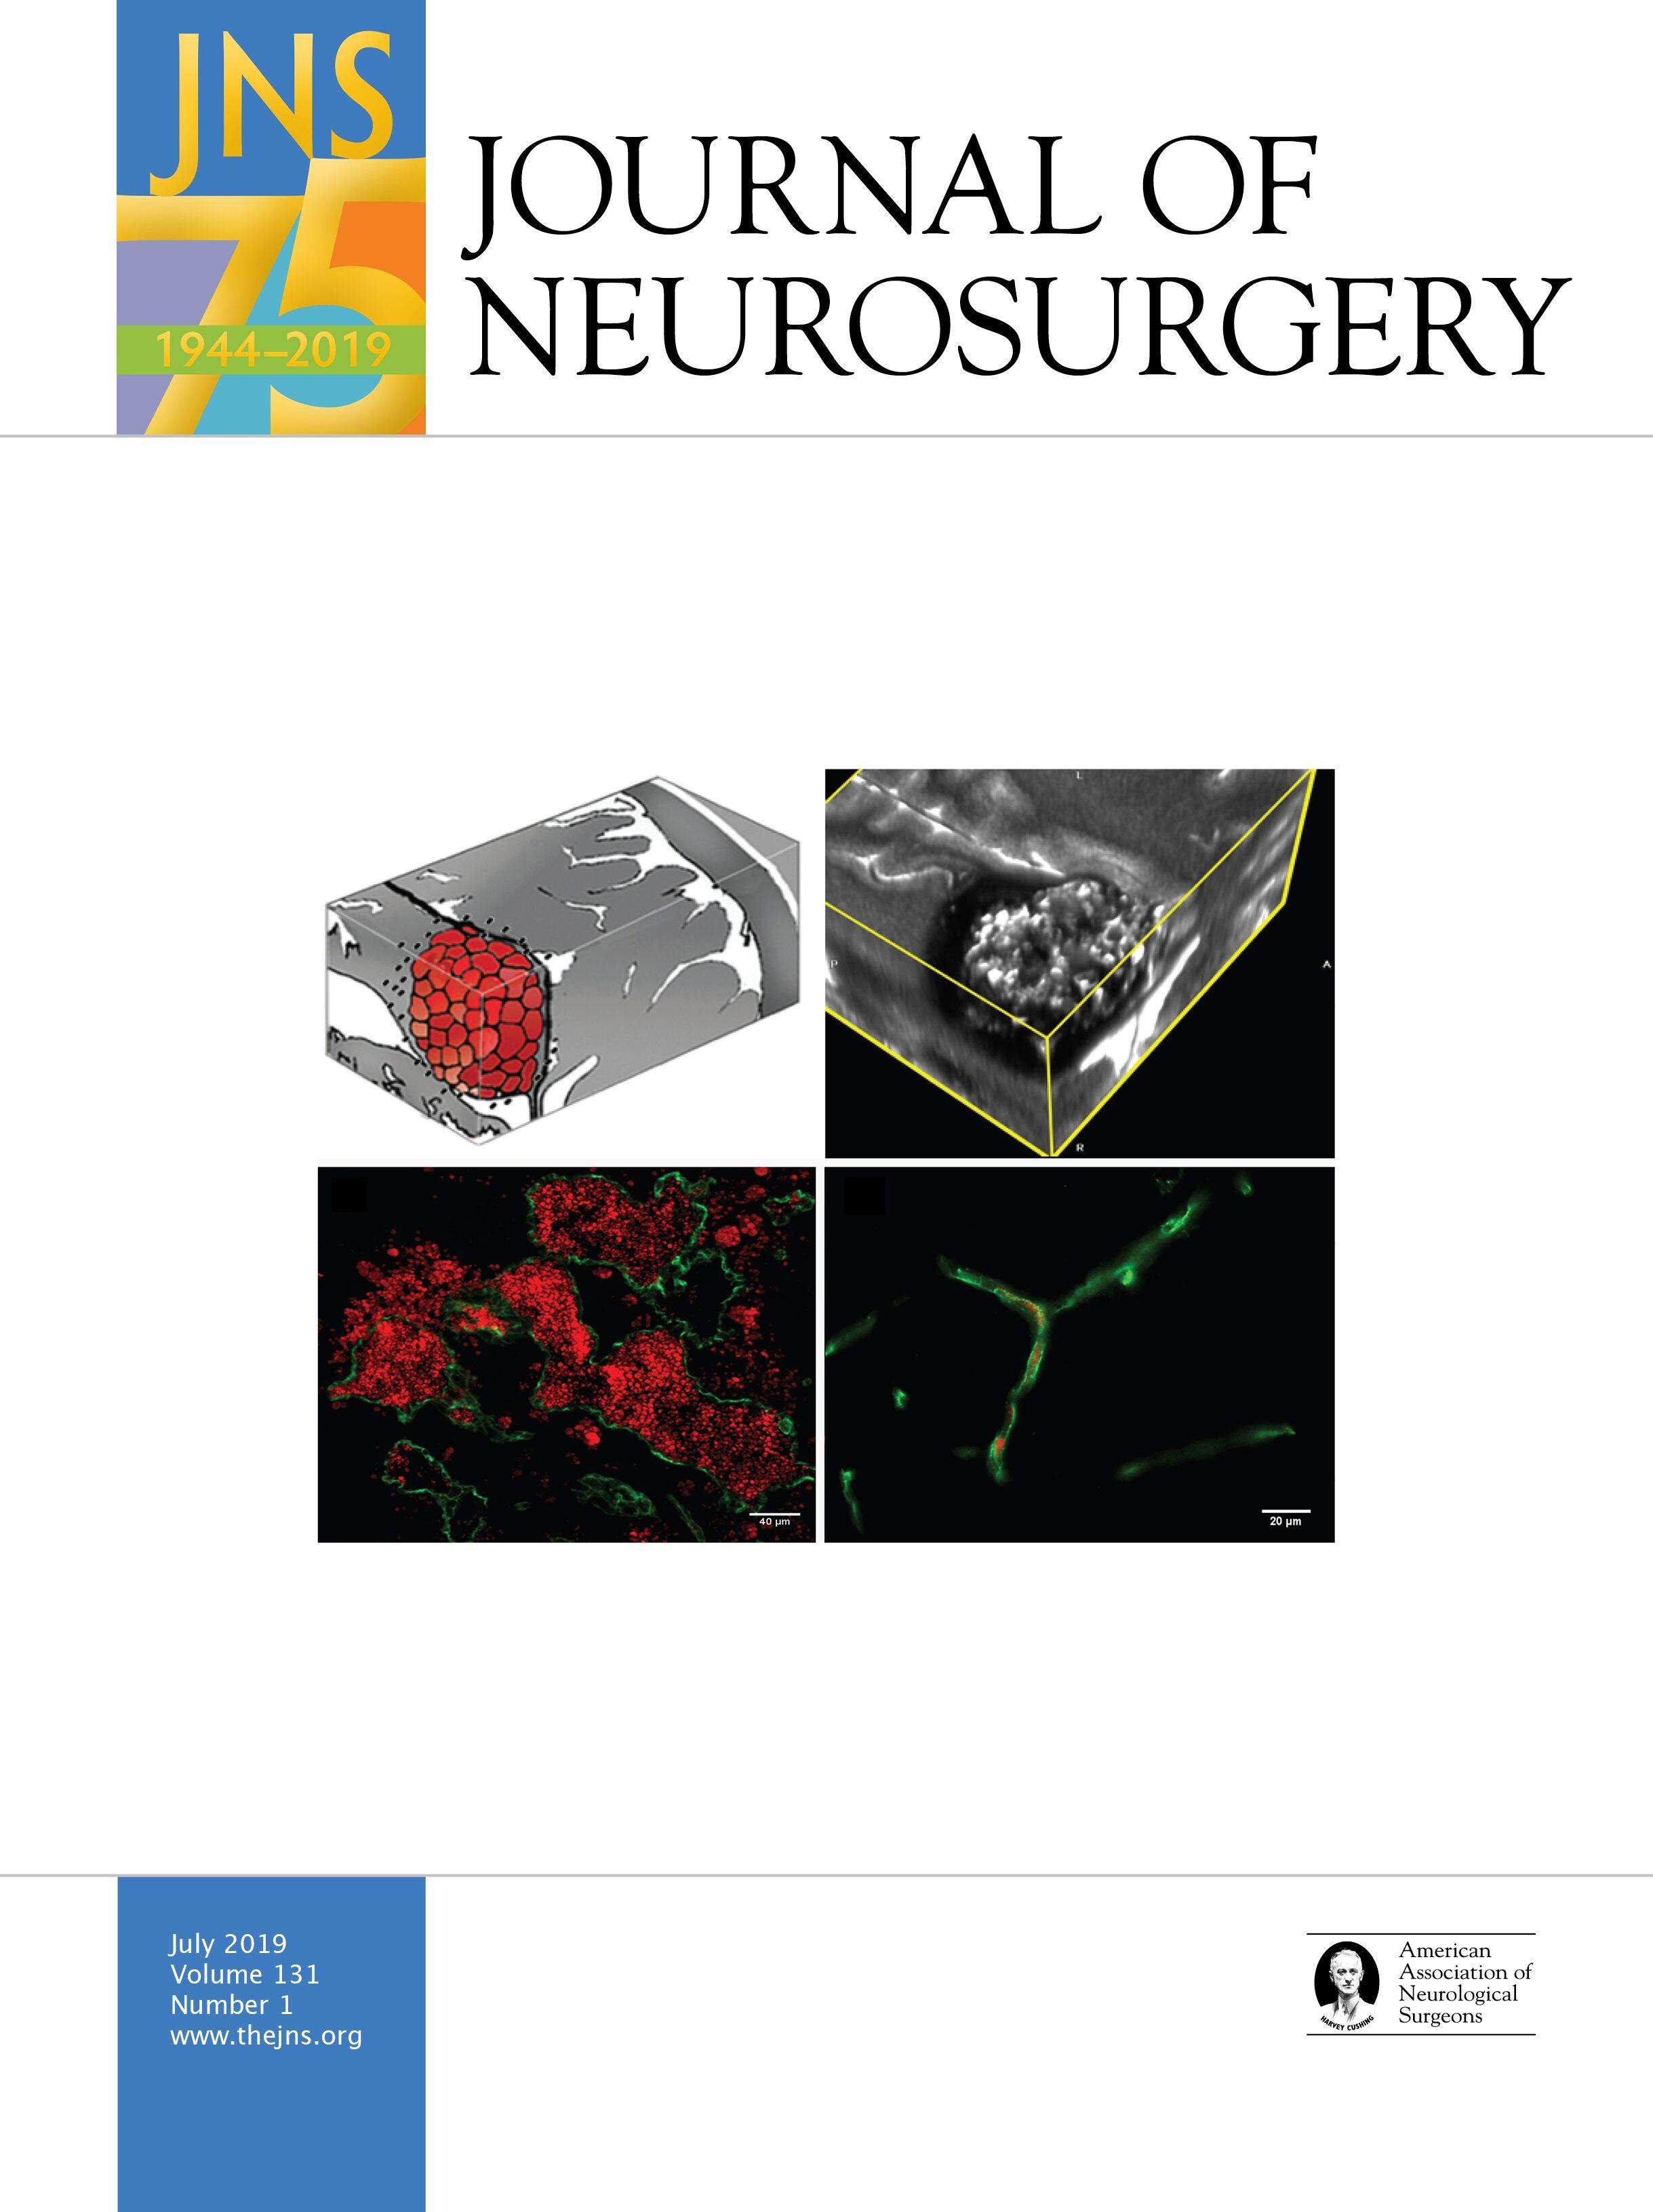 2019 Aans Annual Scientific Meeting In Journal Of Neurosurgery